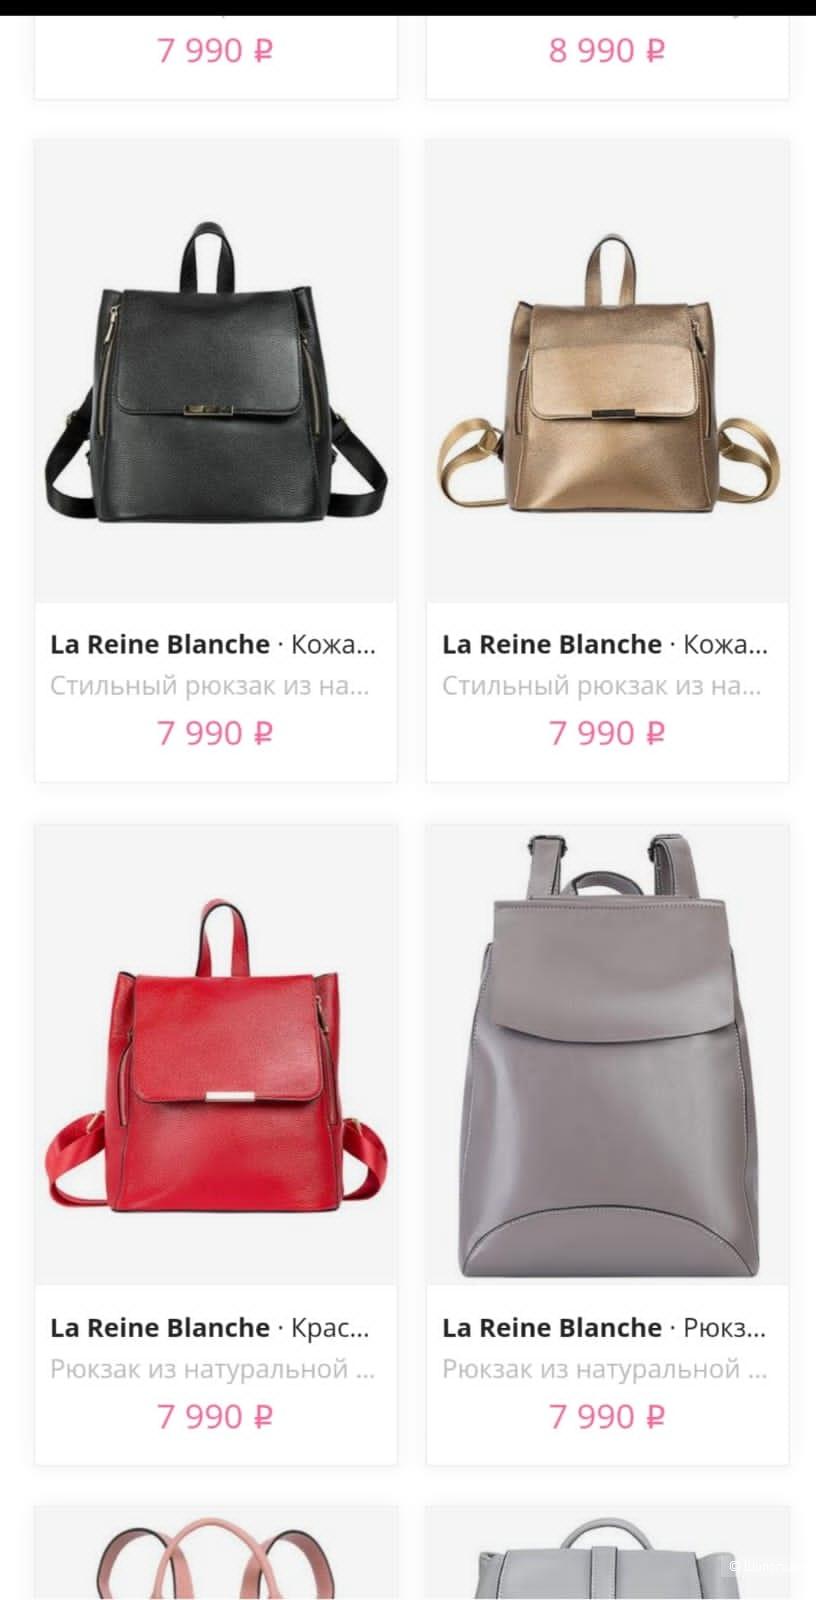 Рюкзак LA Reine Blanche размер 26/31 см